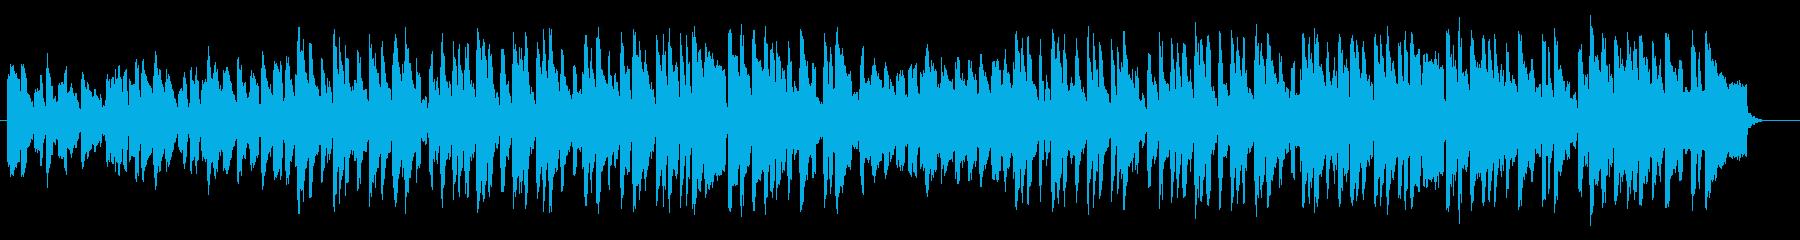 神秘的な琴が特徴的なの和洋折衷のBGMの再生済みの波形